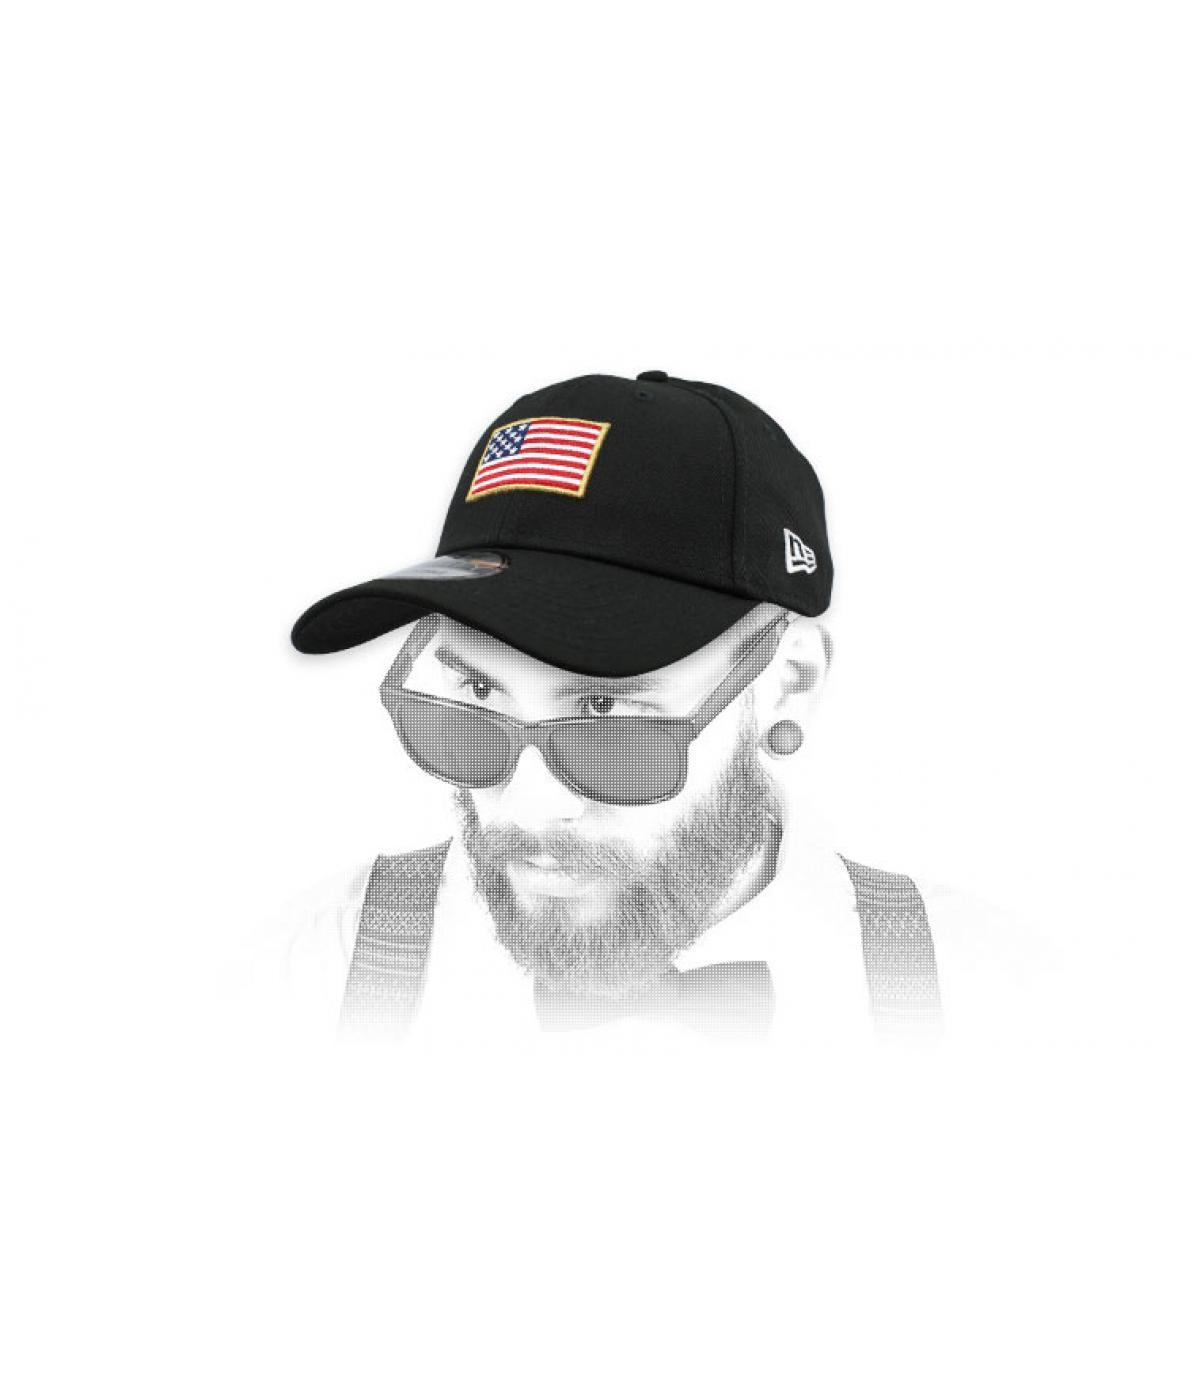 black US flag cap